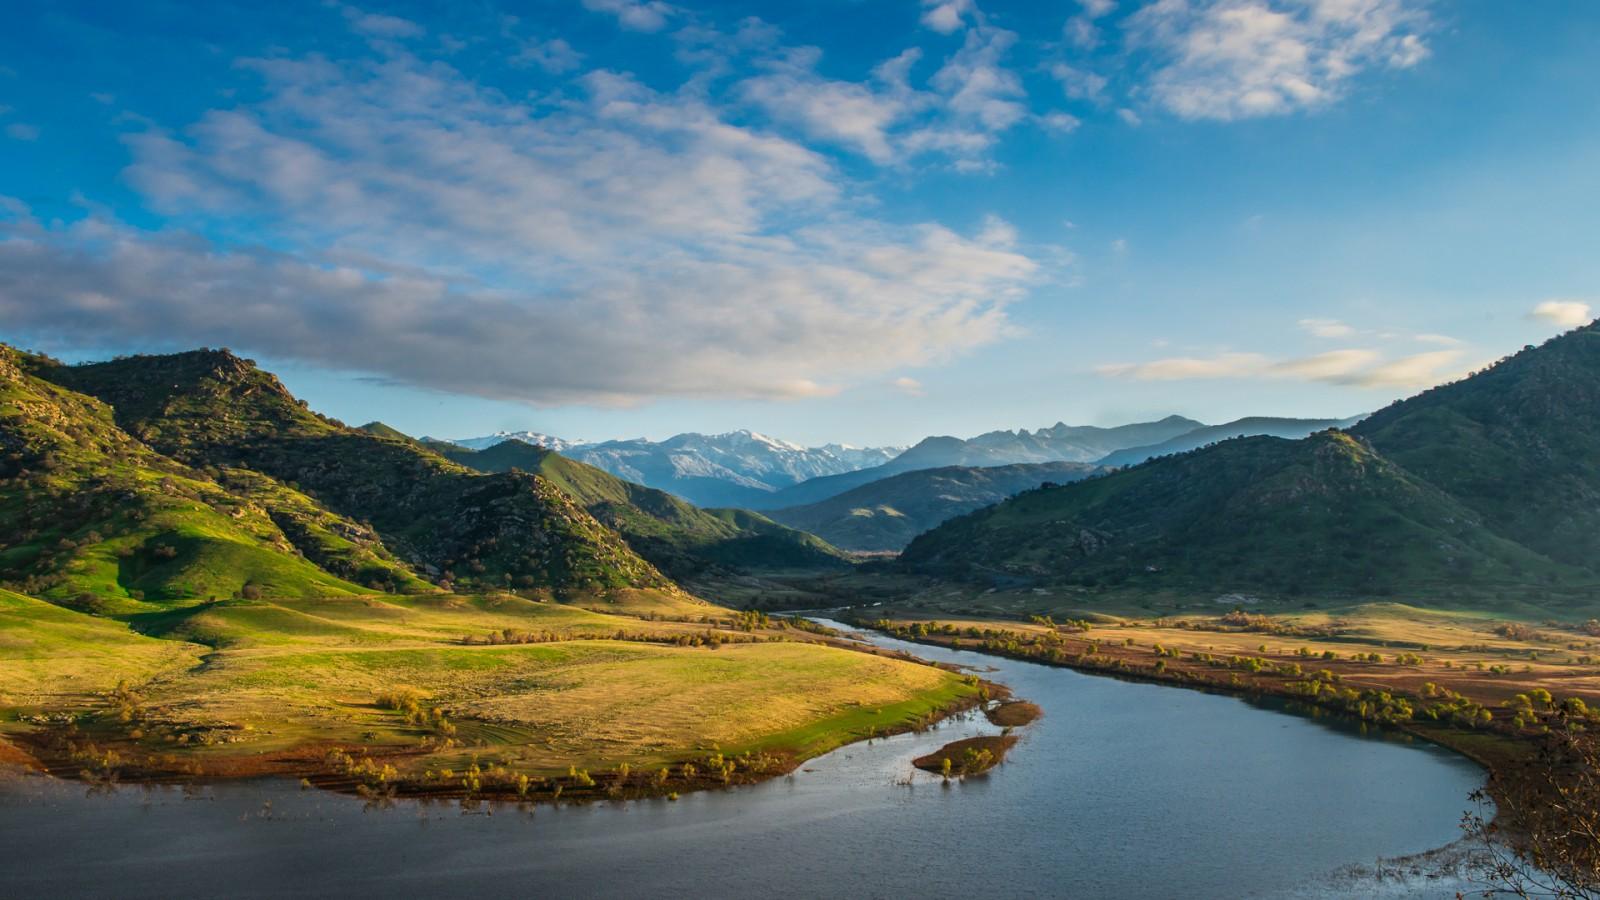 بالصور خلفيات الطبيعة , اجمل صور الطبيعه 5970 13